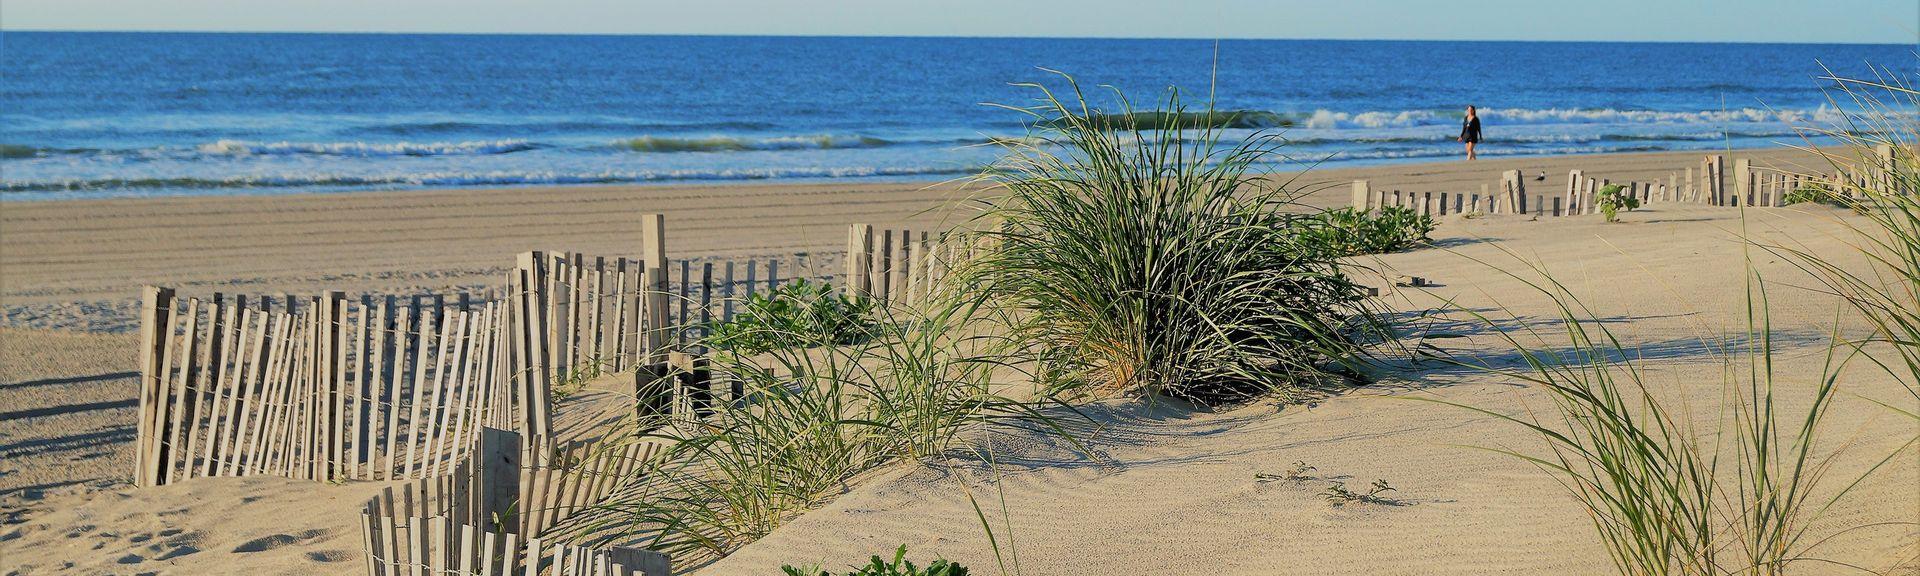 Avalon, Nueva Jersey, Estados Unidos